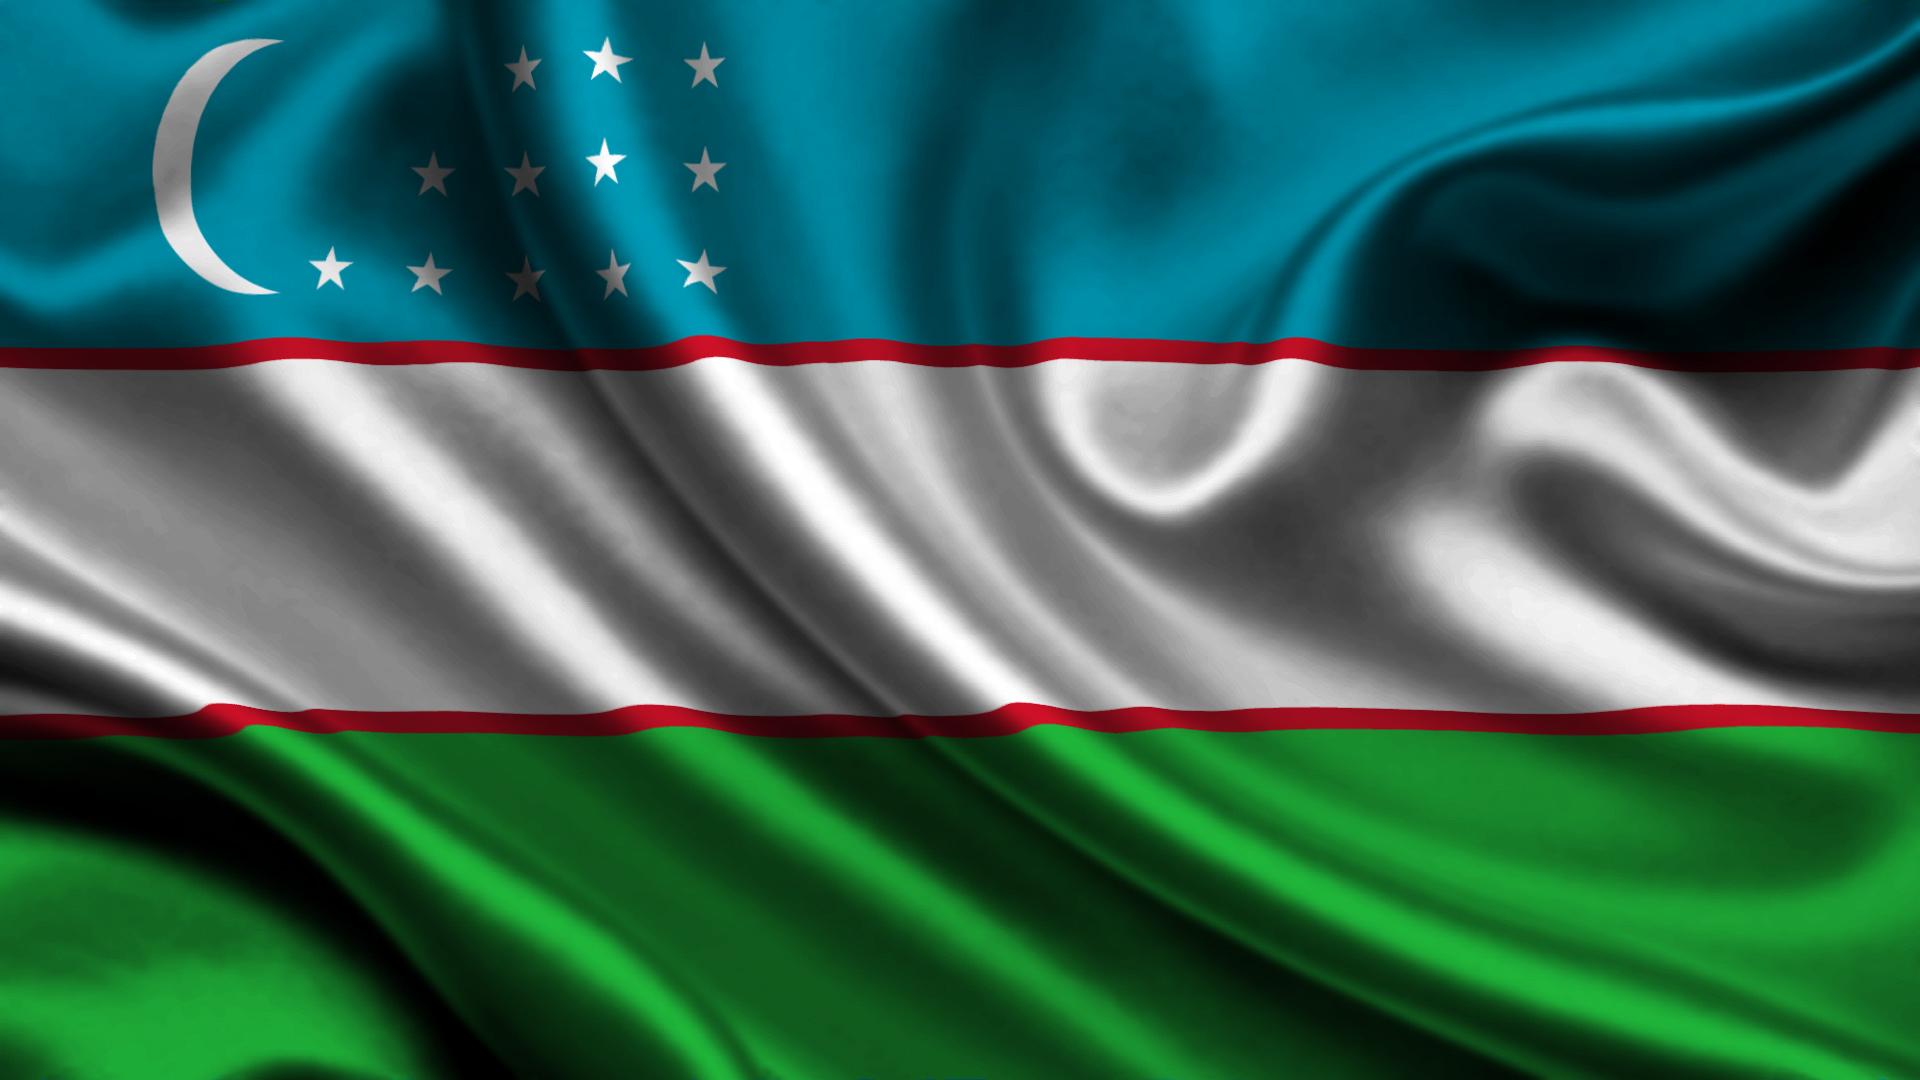 Wallpaper Uzbekistan Flag Stripes 1920x1080 1920x1080